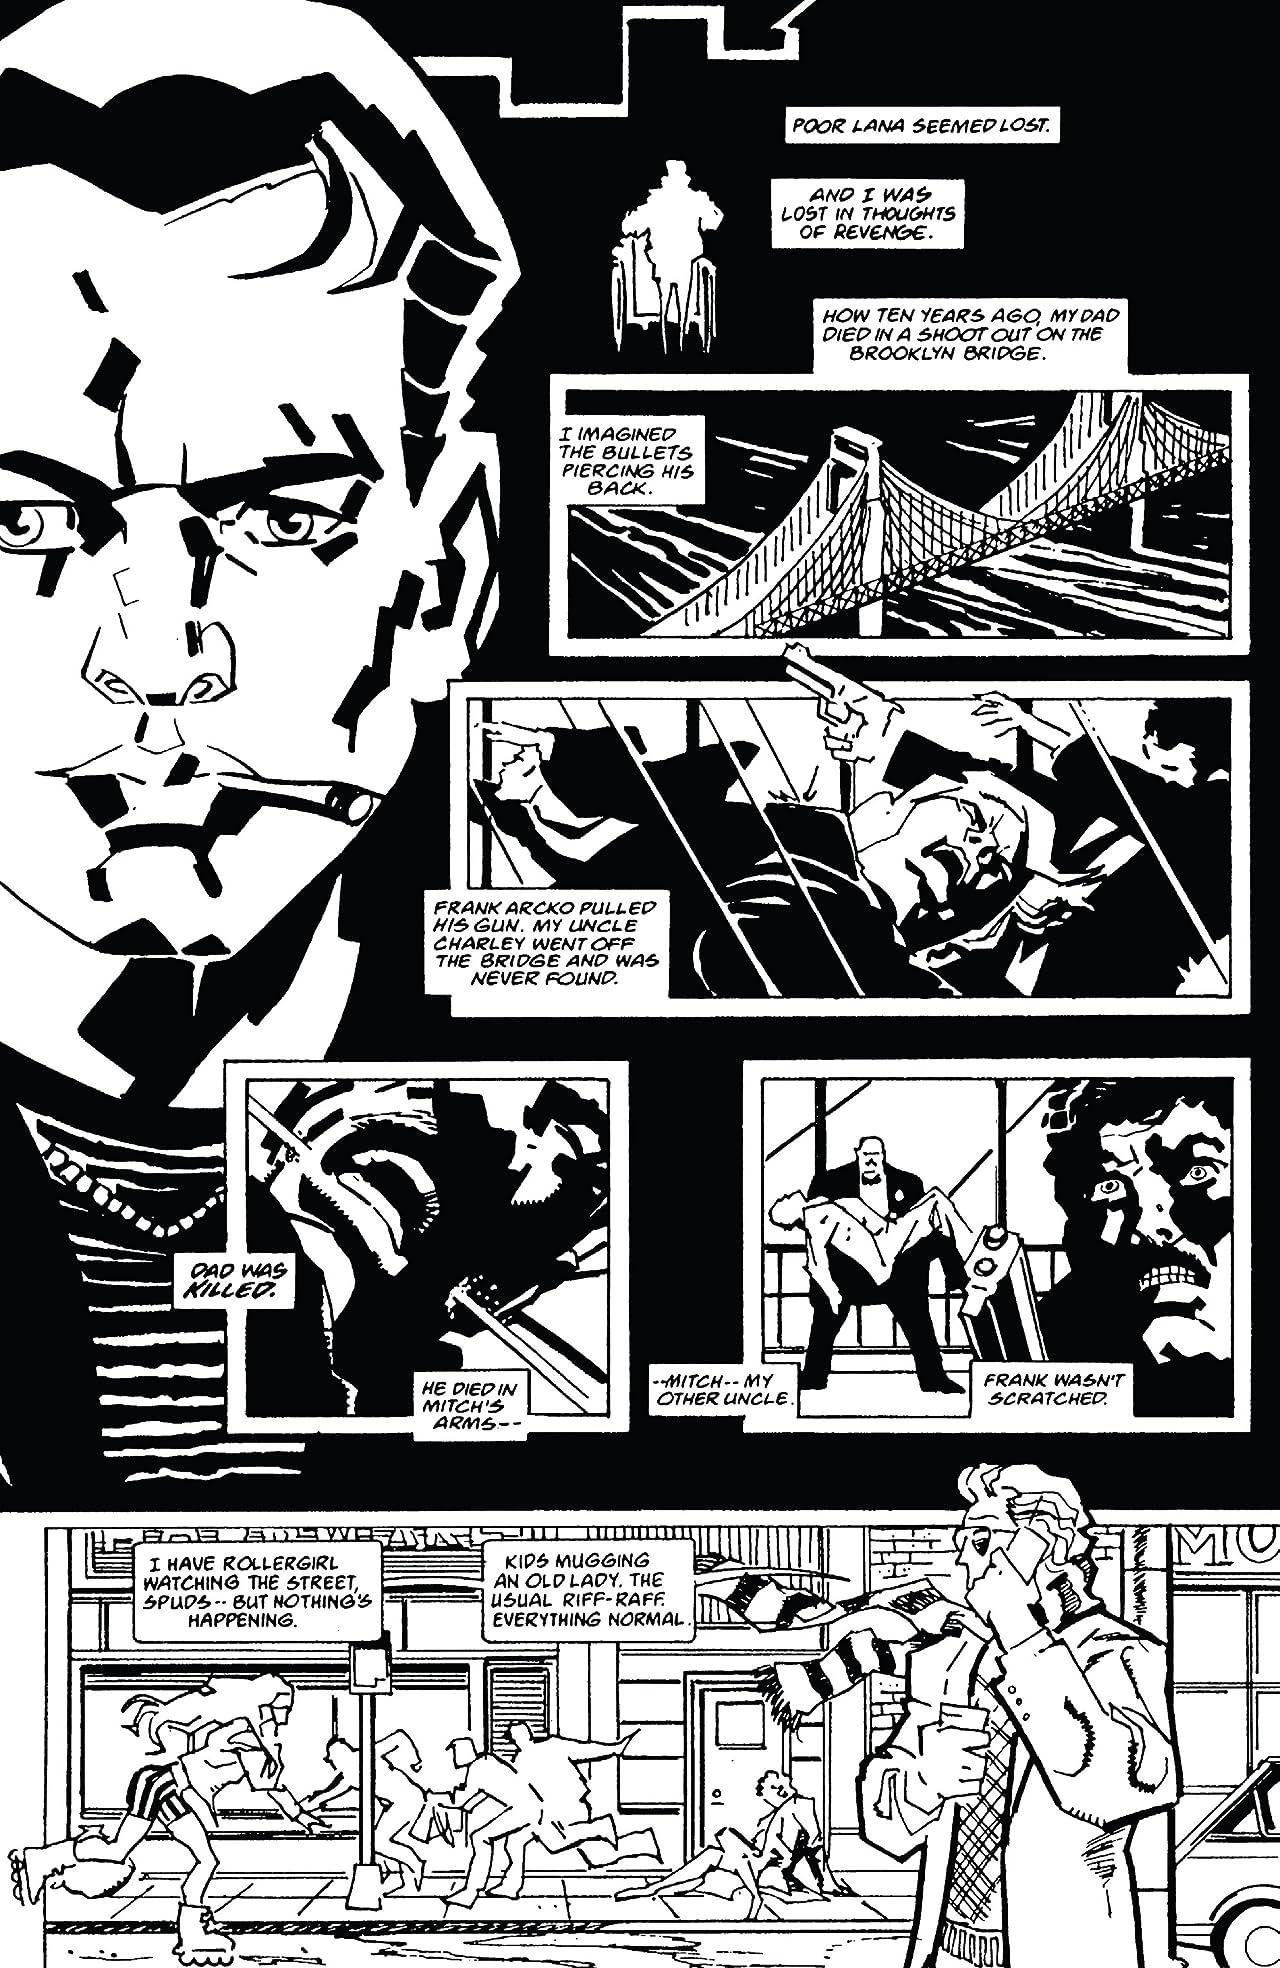 Armed & Dangerous (1996) #4